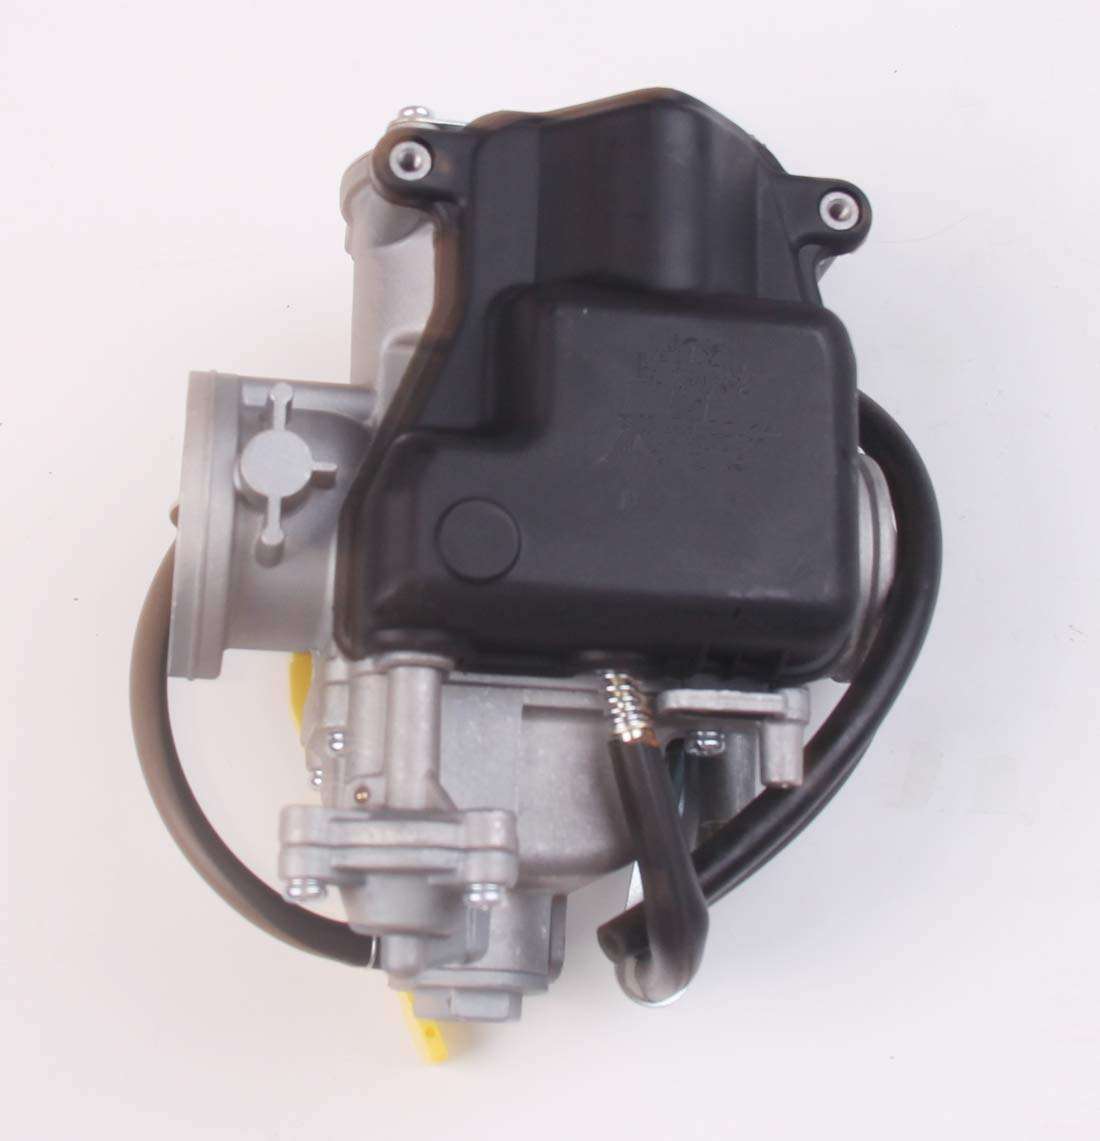 New Carburetor Carb for Honda TRX 300 EX TRX300EX 1993-2008 by BH-Motor (Image #3)